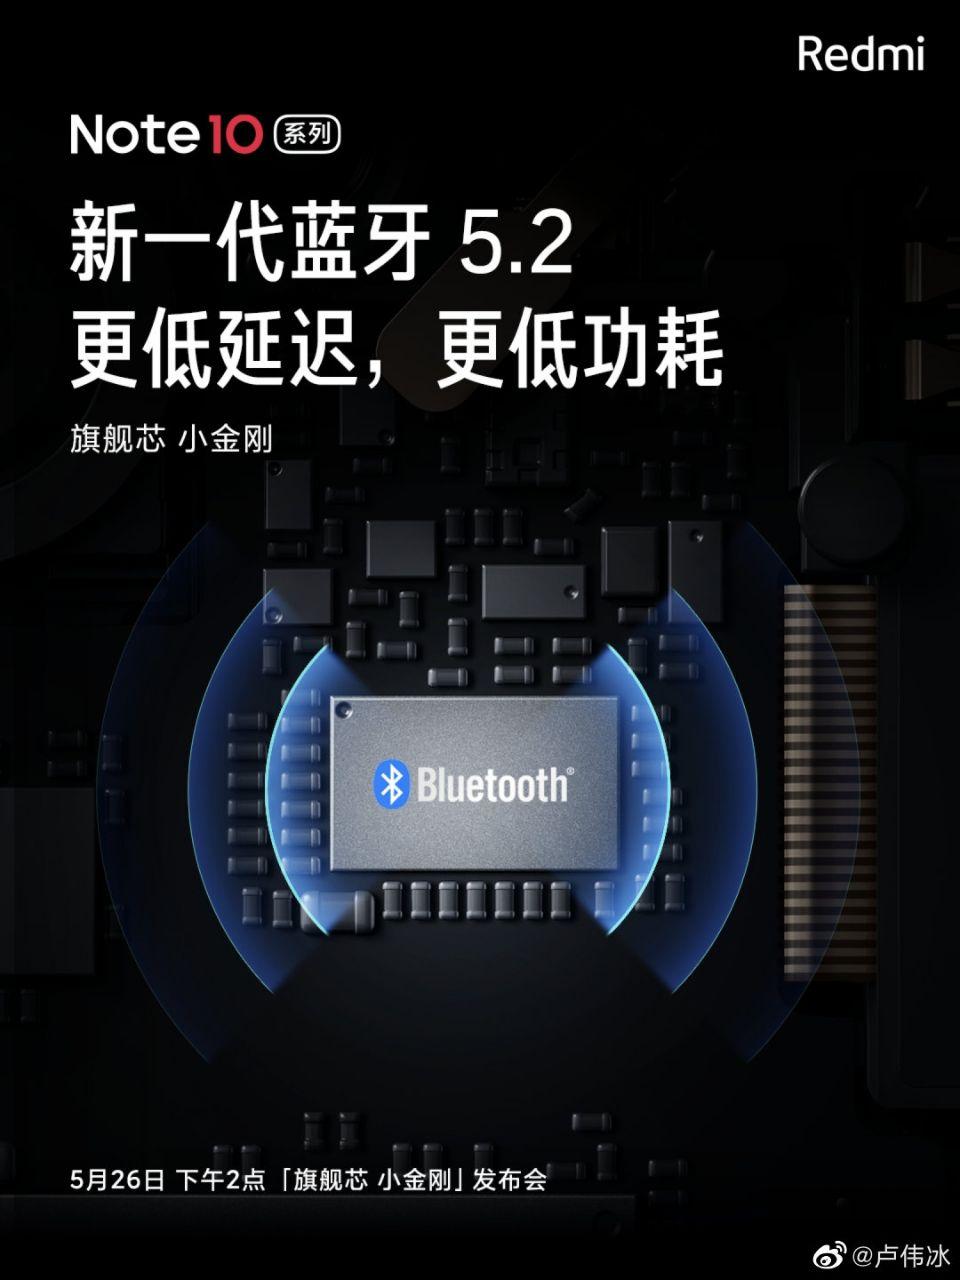 بلوتوث نسخه ۵.٢ در سری چینی ردمی نوت ١٠